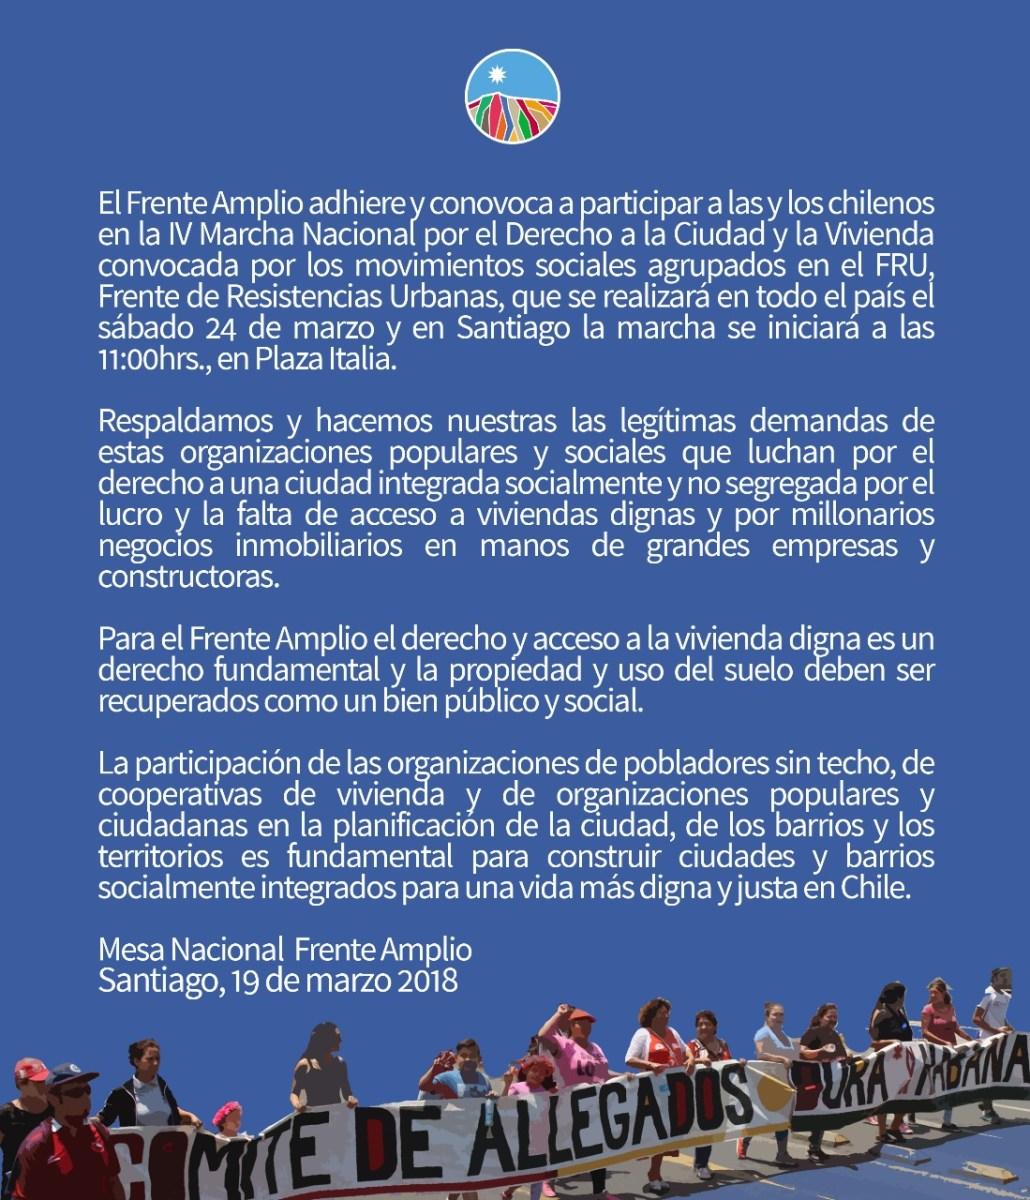 Chile - IV Marcha Nacional por el Derecho a la Ciudad y la Vivienda,  sábado 24 de marzo